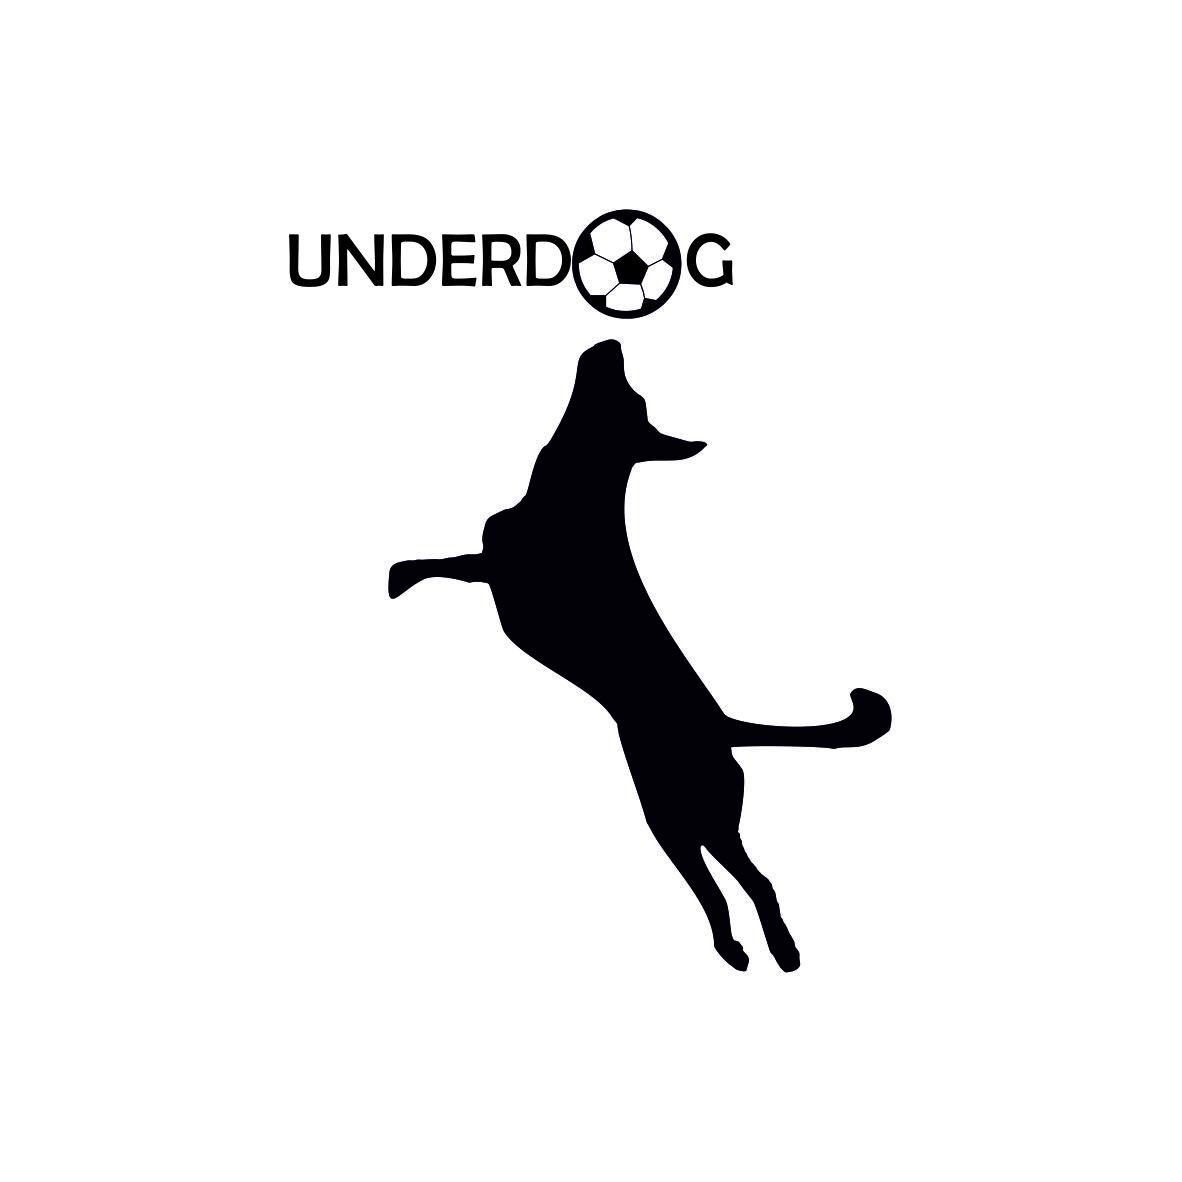 Футбольный клуб UNDERDOG - разработать фирстиль и бренд-бук фото f_2735caf070f7b408.jpg